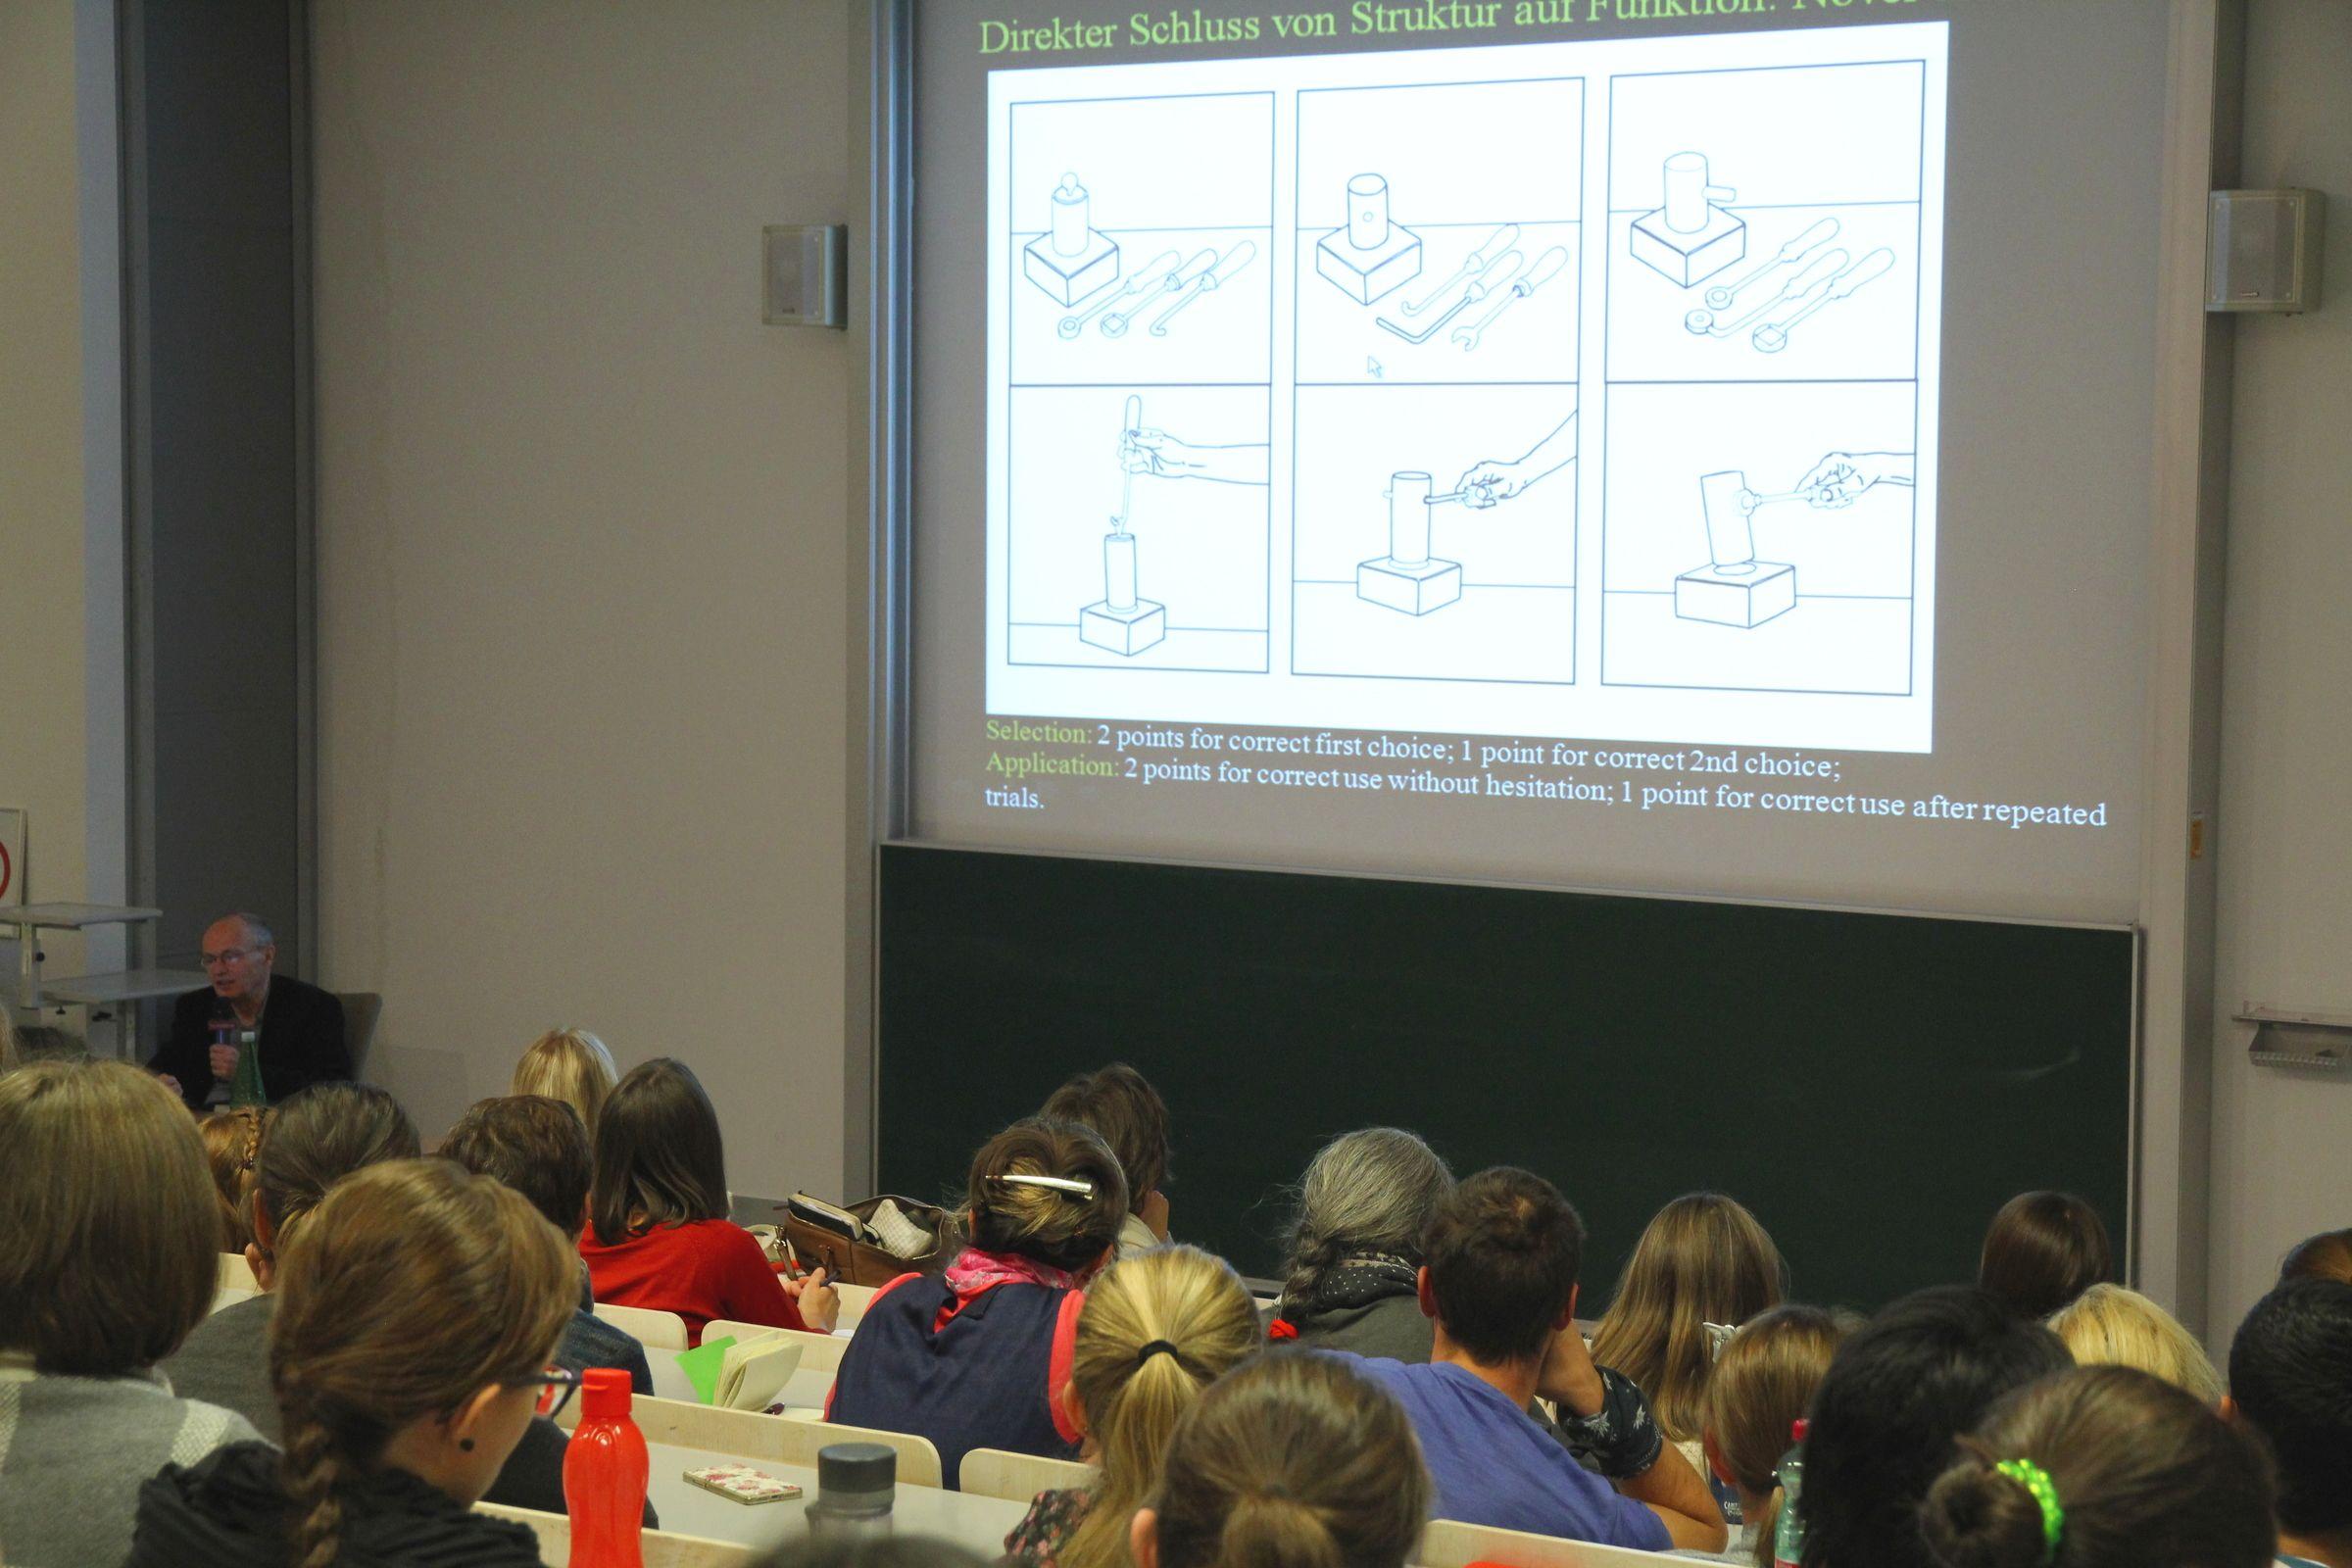 Rund 120 Interessierte informierten sich bei der Veranstaltung der FH JOANNEUM zum Thema Apraxie. Georg Goldenberg erläuterte die verschiedenen motorischen Störungen, die bei Apraxie auftreten können. (© FH JOANNEUM)